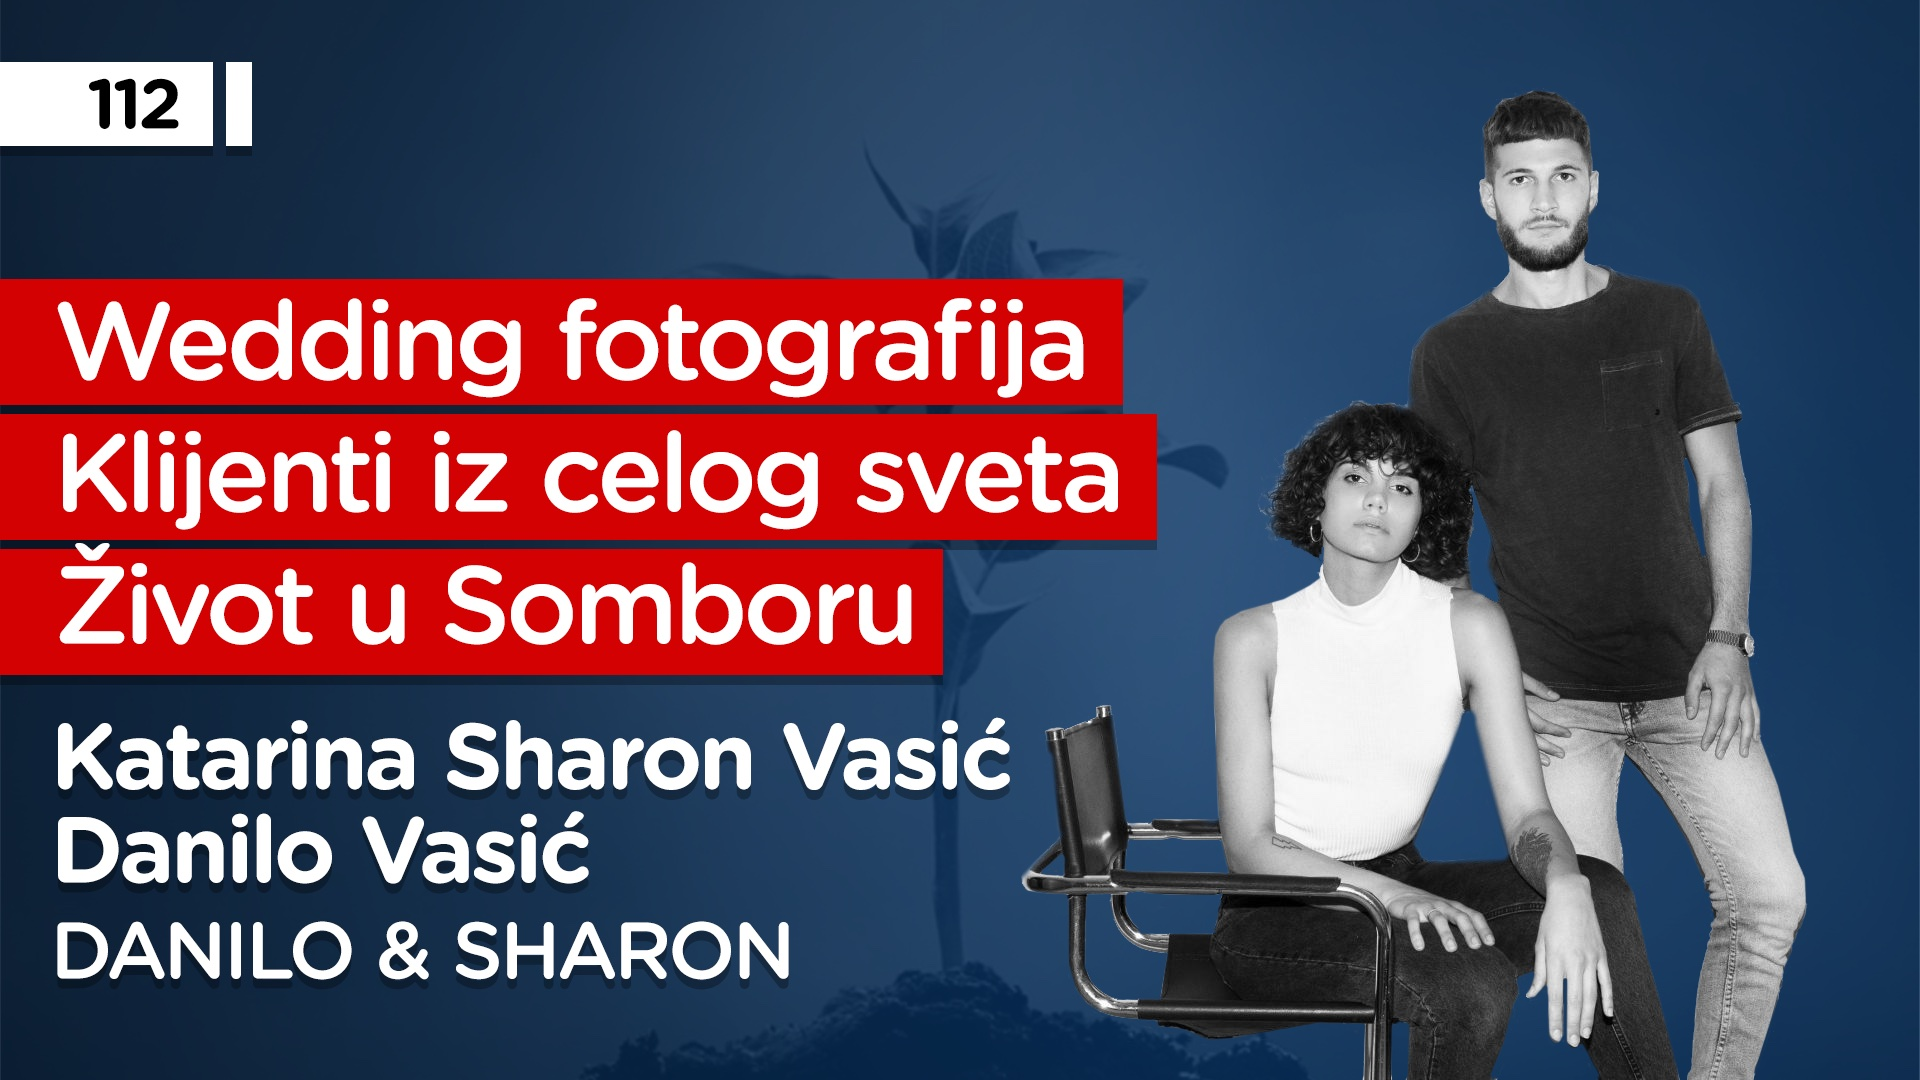 EP112: Katarina Sharon i Danilo Vasić